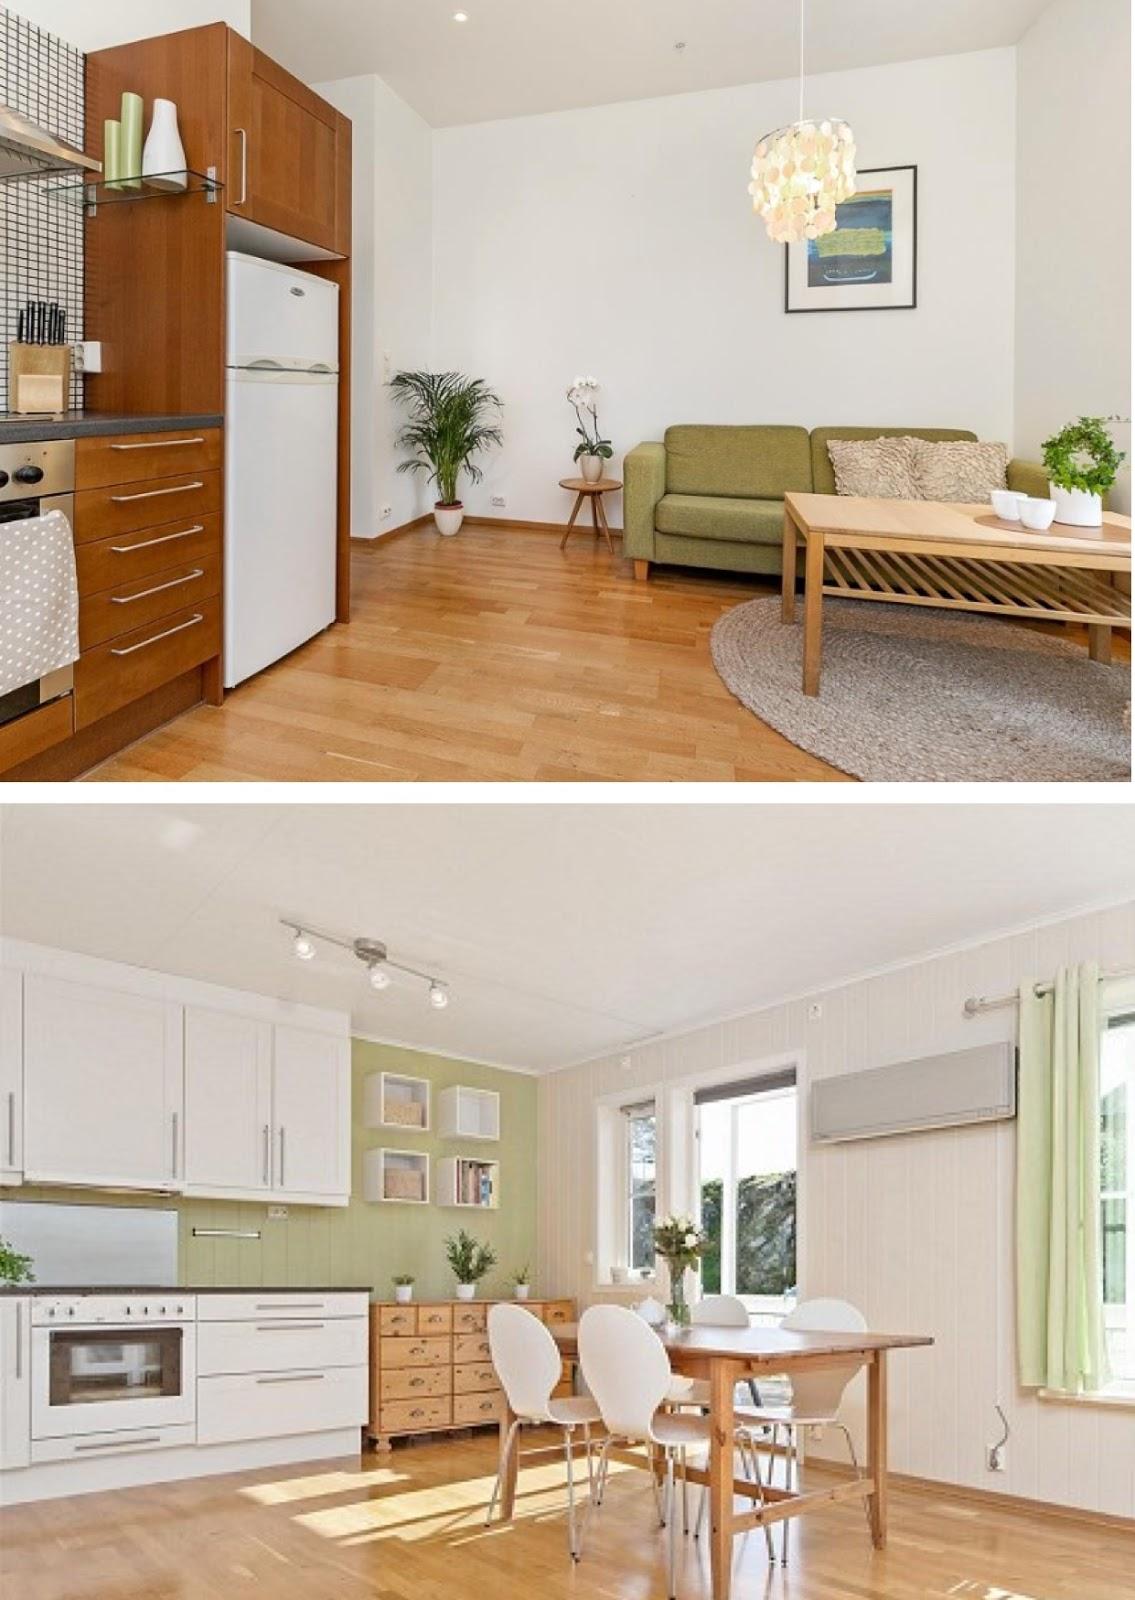 cocina de caoba con verde oliva, verde limon, cocina moderna y blanca